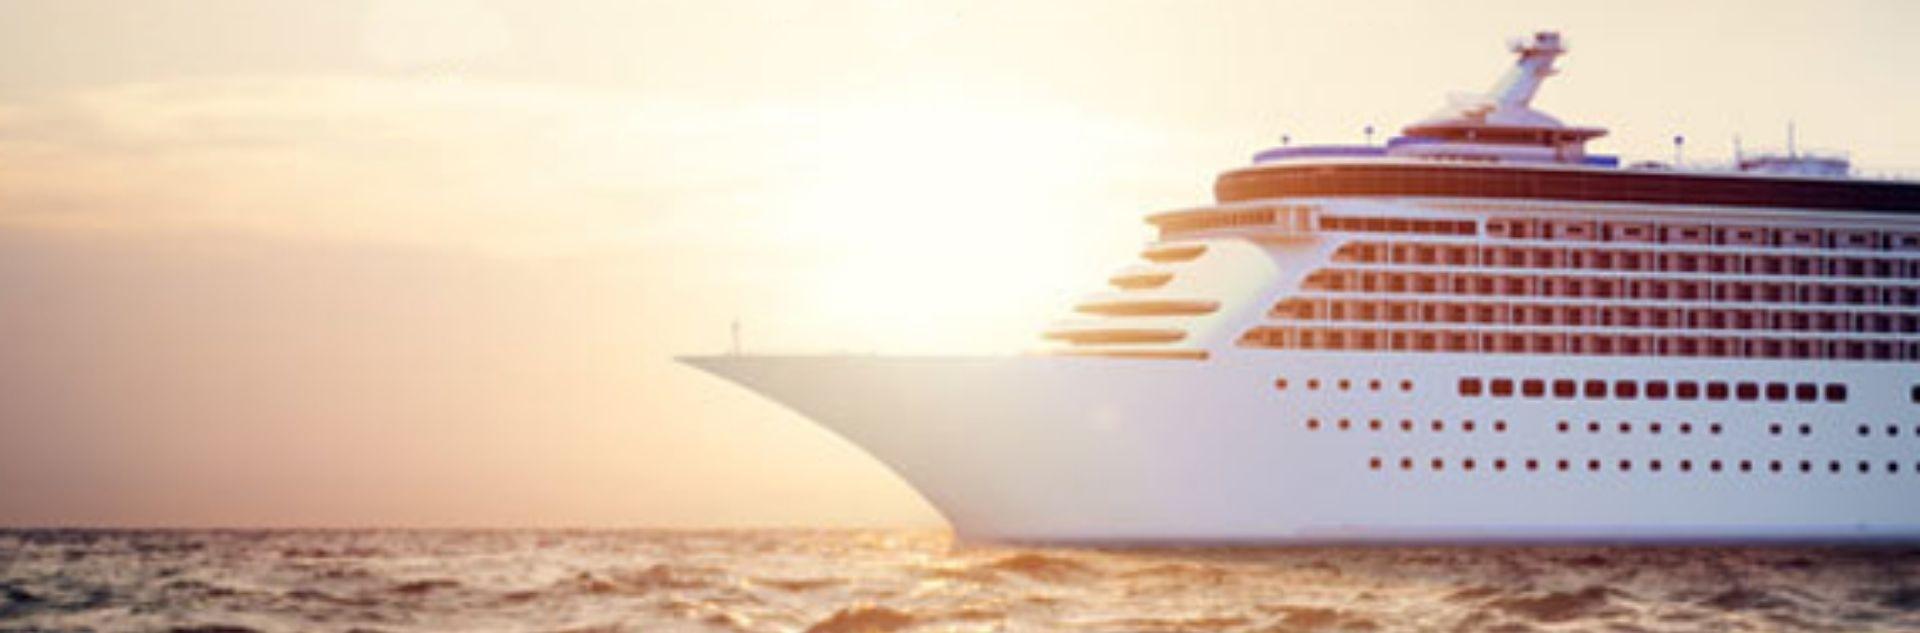 Schiff des Jahres, Kreuzfahrtschiff beim Sonnenuntergang